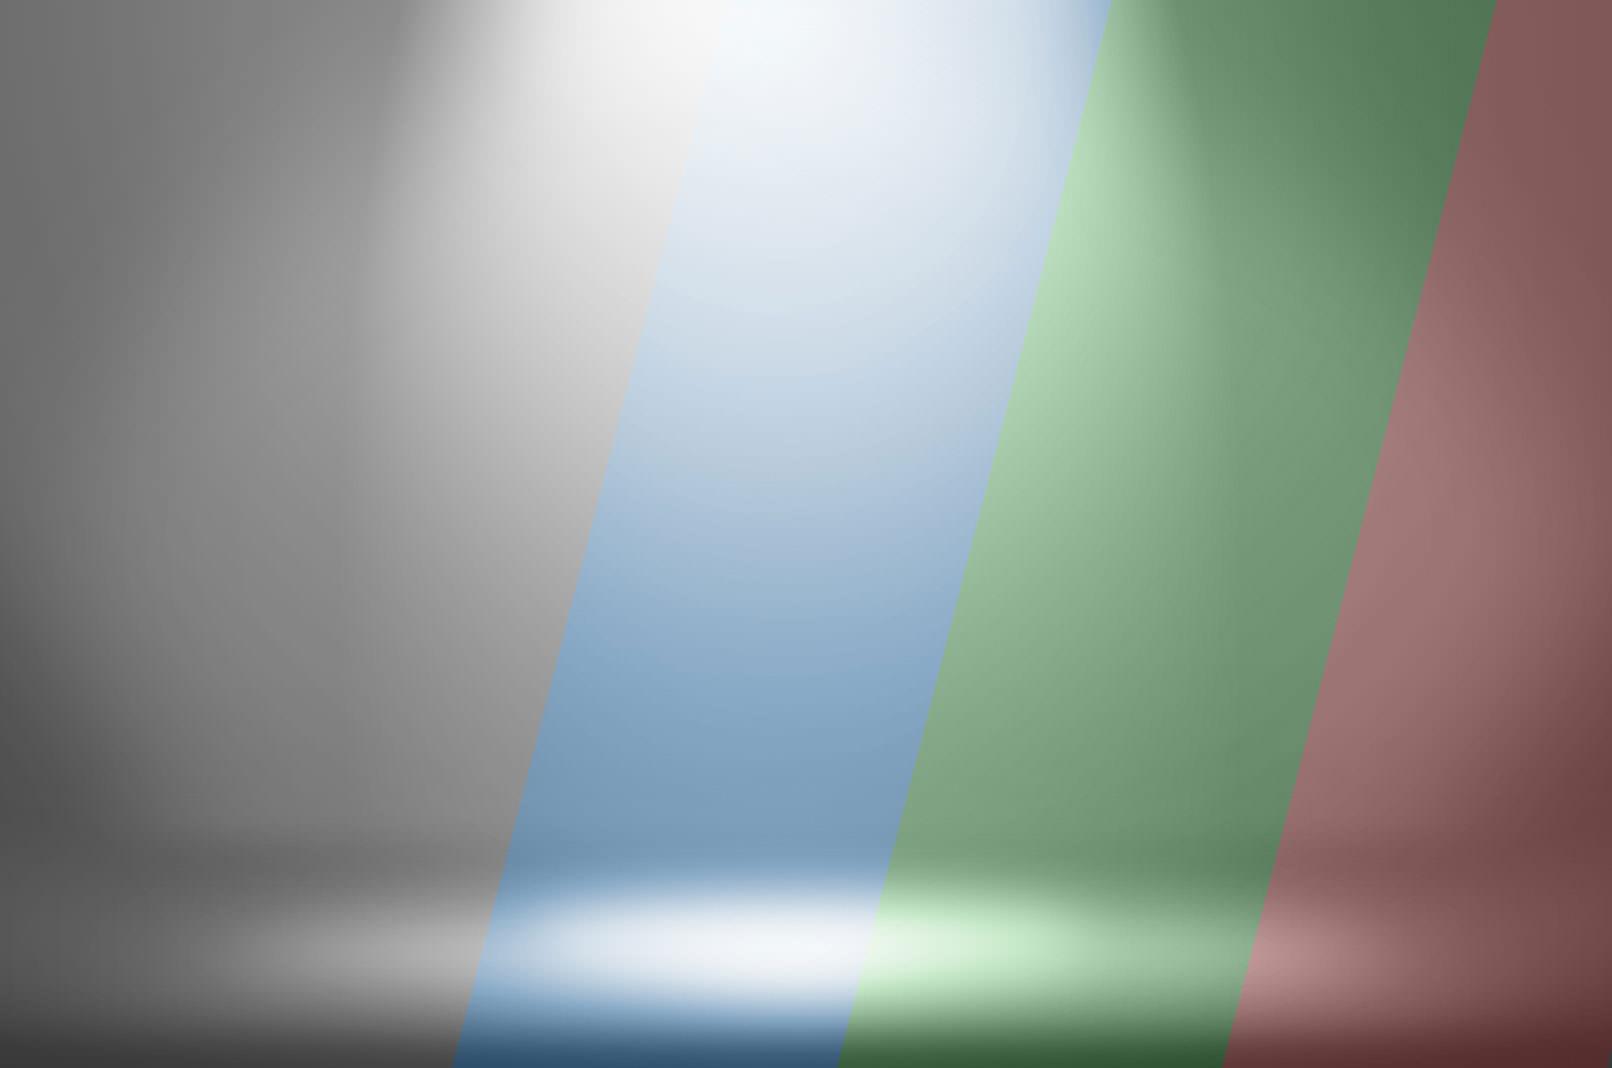 Farbige Spotlight-Bilder